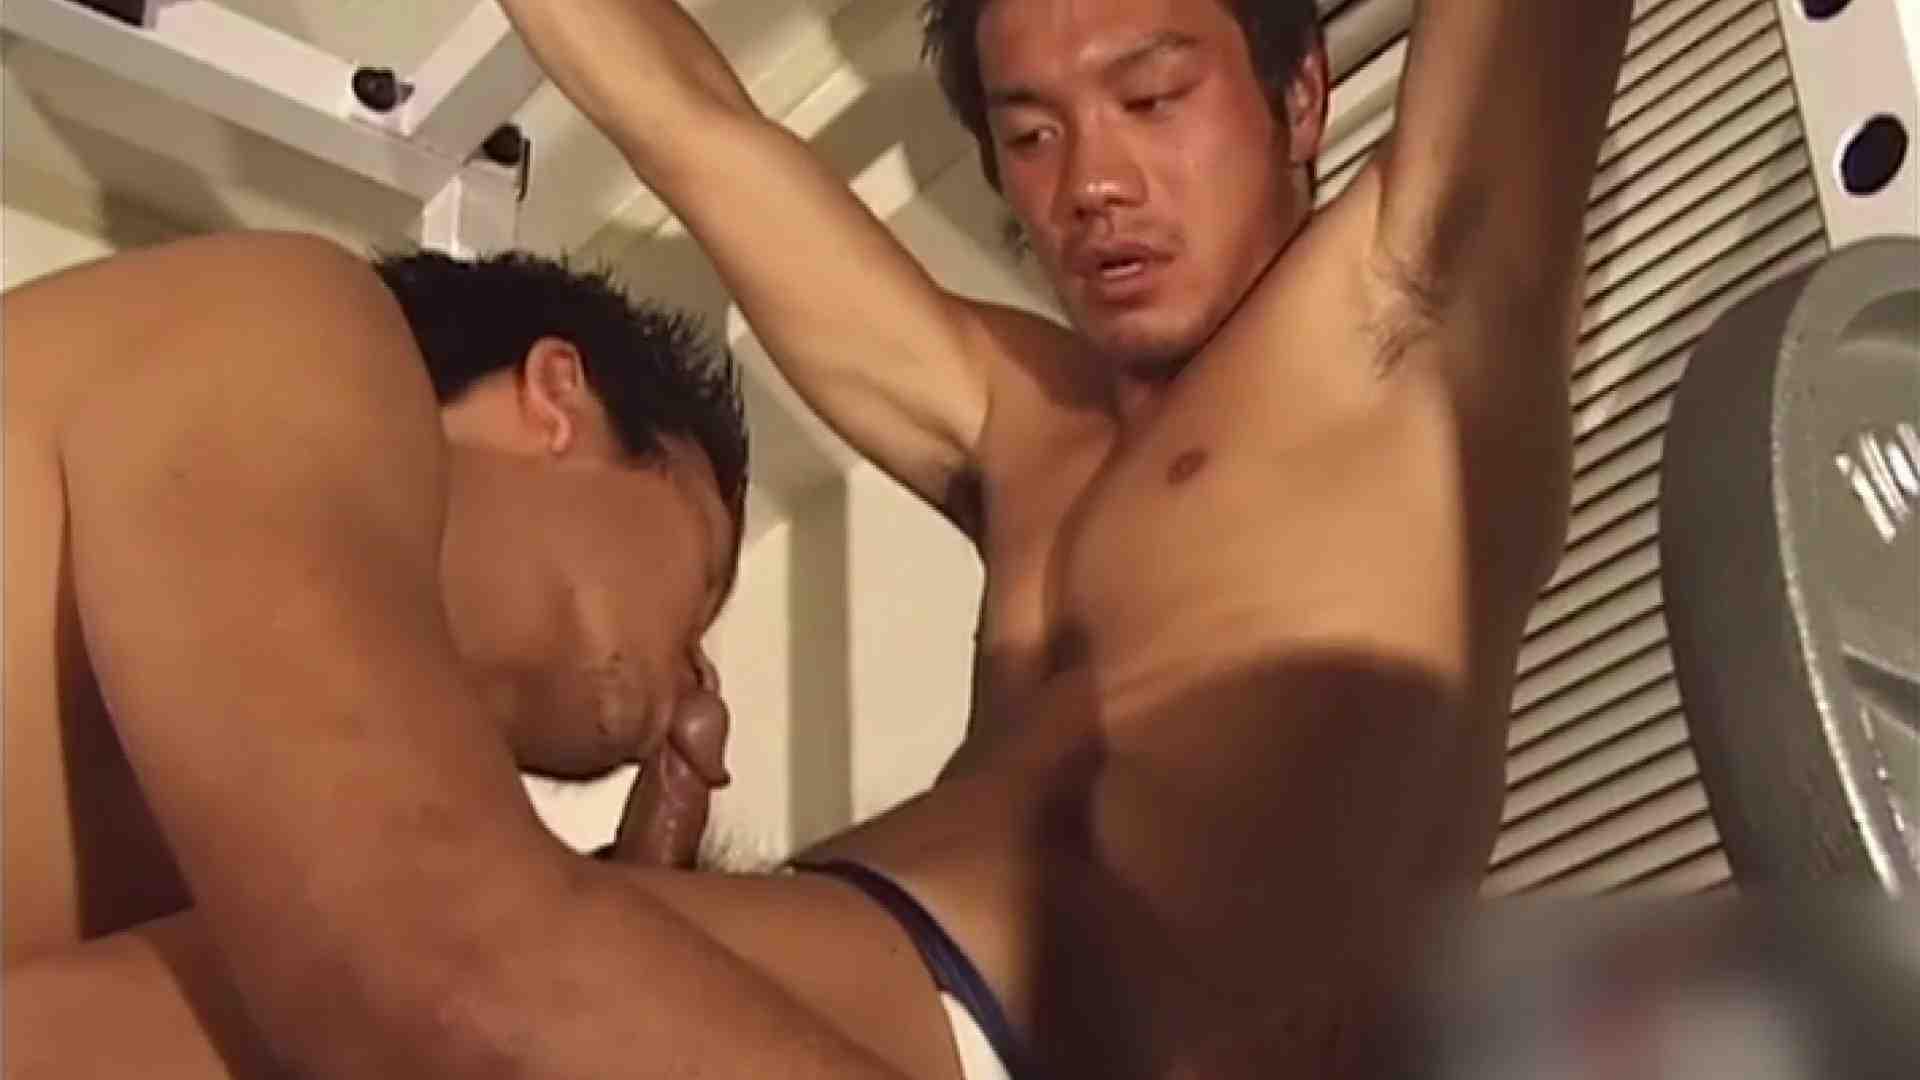 珍肉も筋肉の内!!vol.3 肉 ゲイ丸見え画像 99画像 48